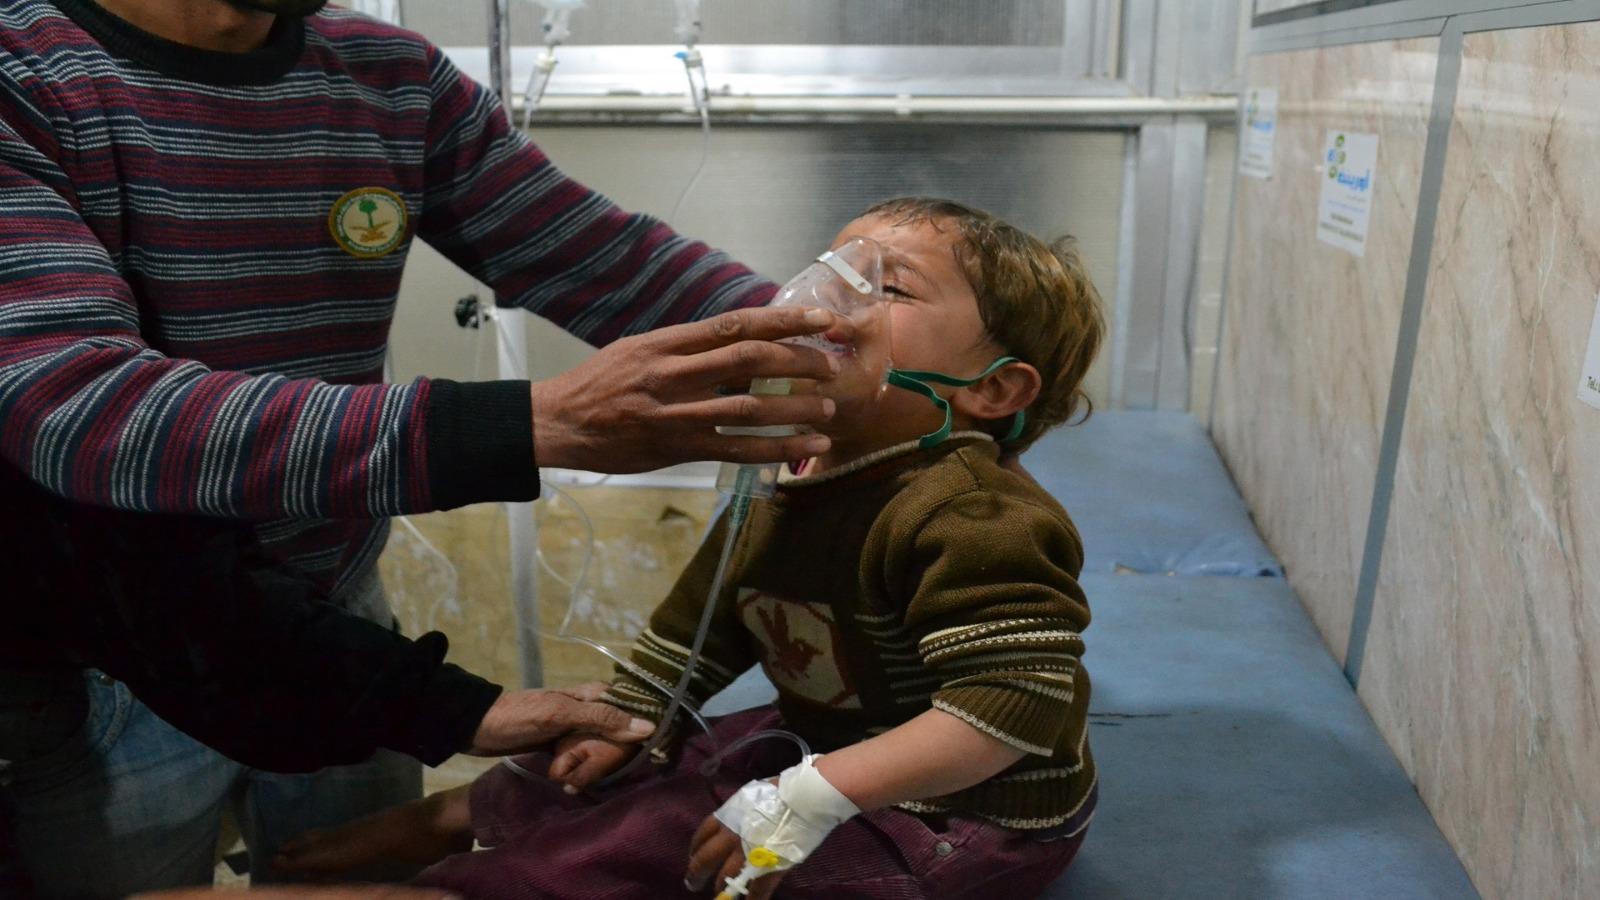 أطفال يتلقون الإسعافات الأولية بعد تعرضهم للهجوم الكيماوي في الغوطة 2013- إنترنيت